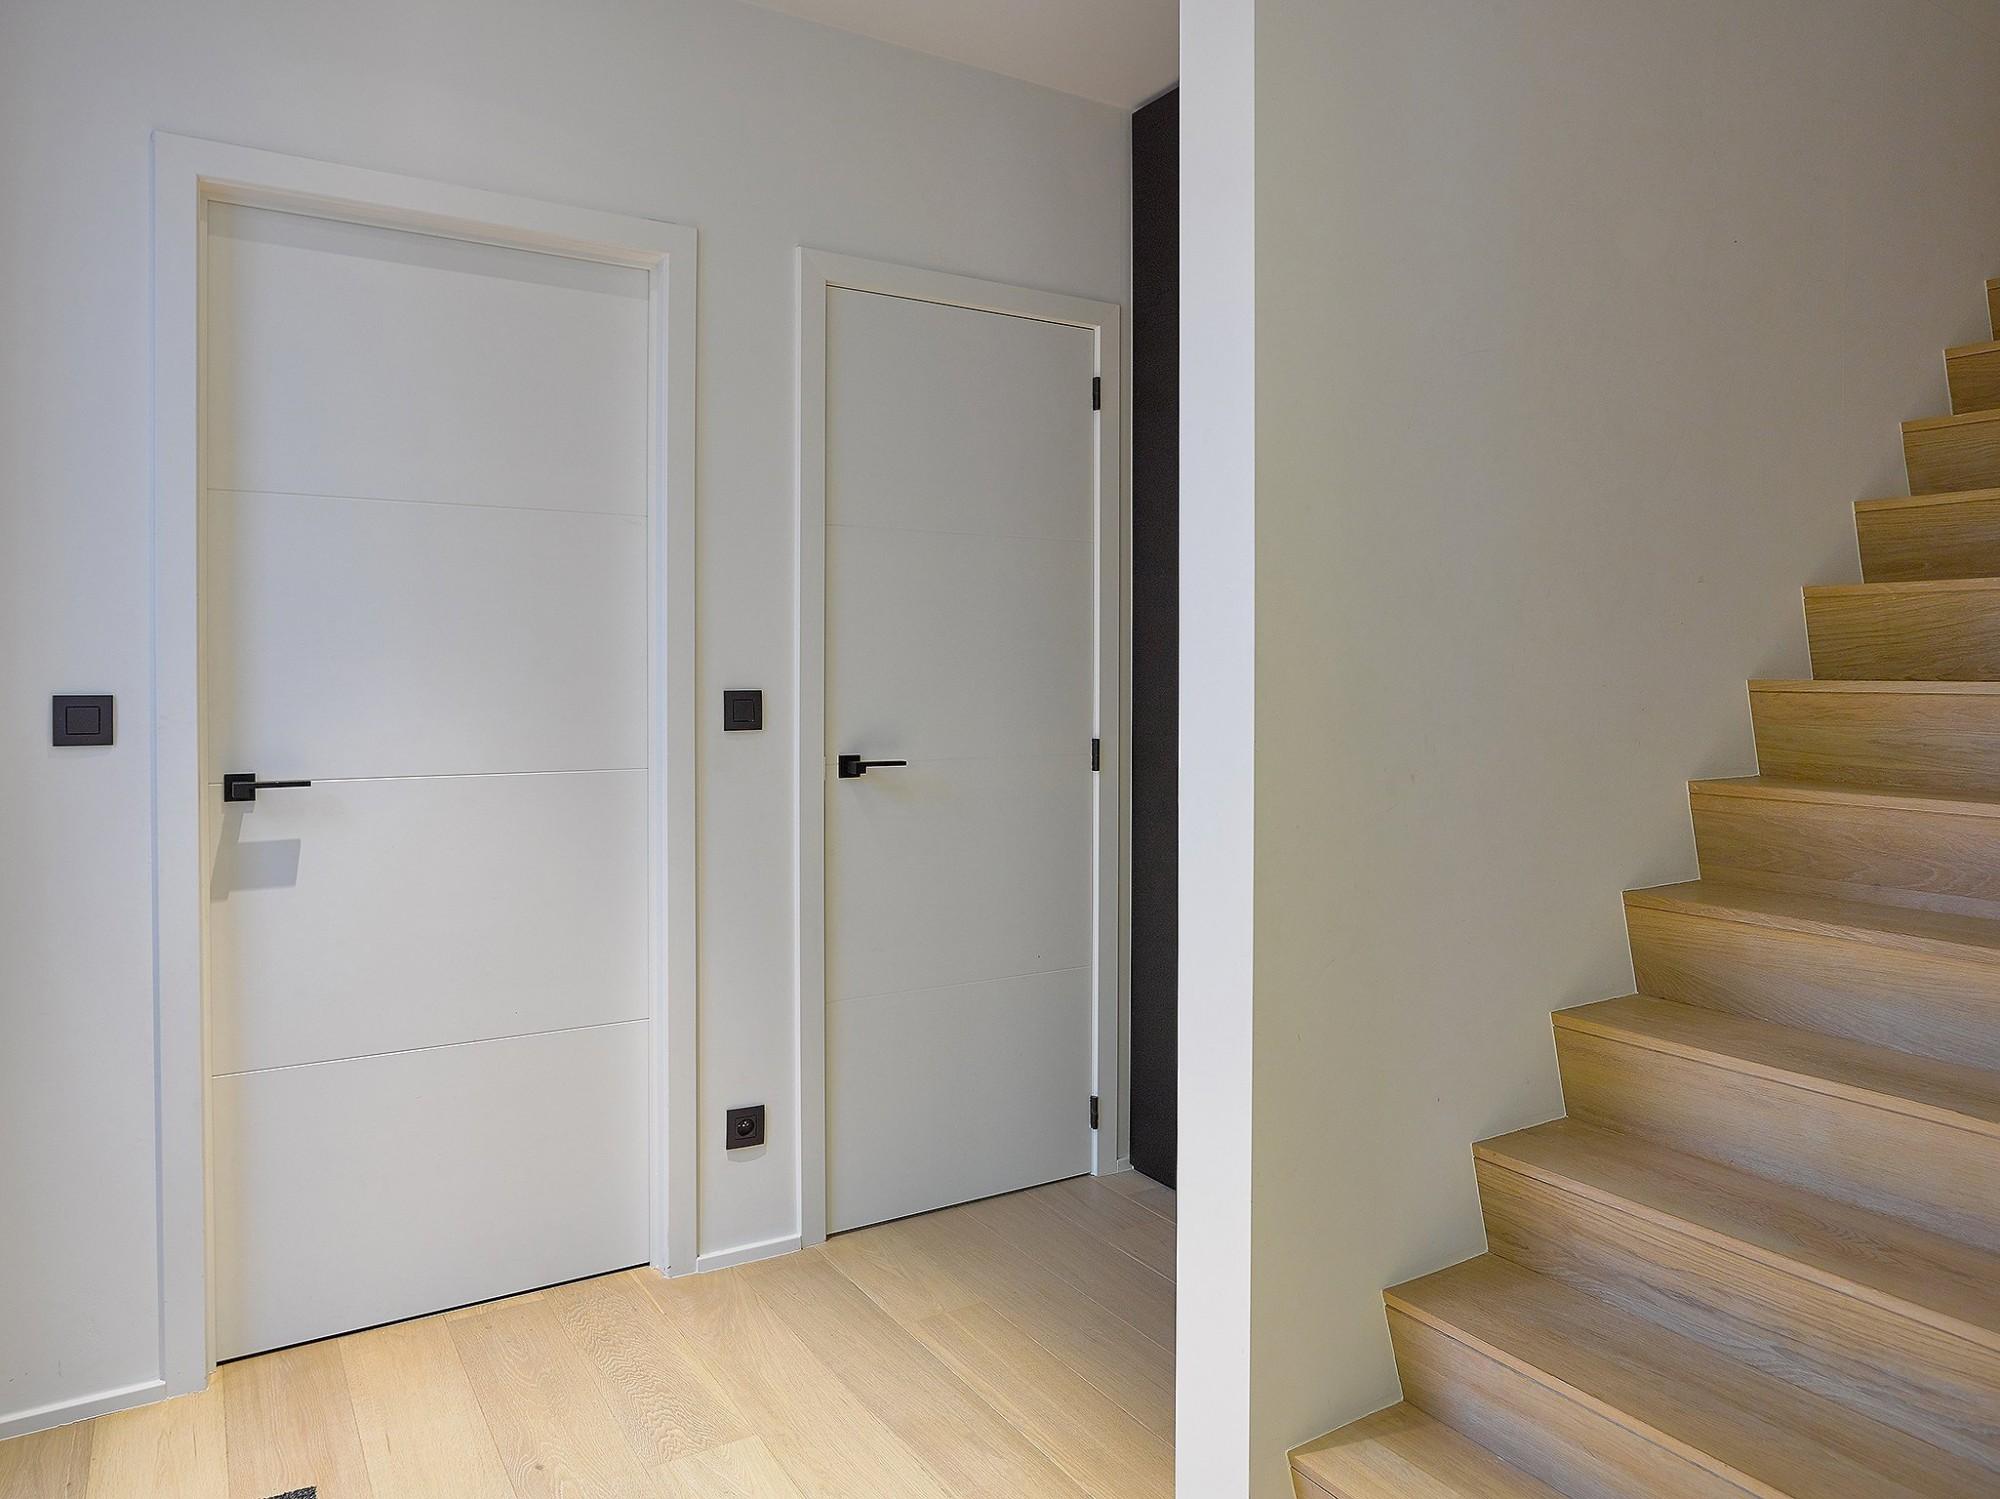 Afbeelding: Fotografie van trap en binnendeuren, voor RDK.